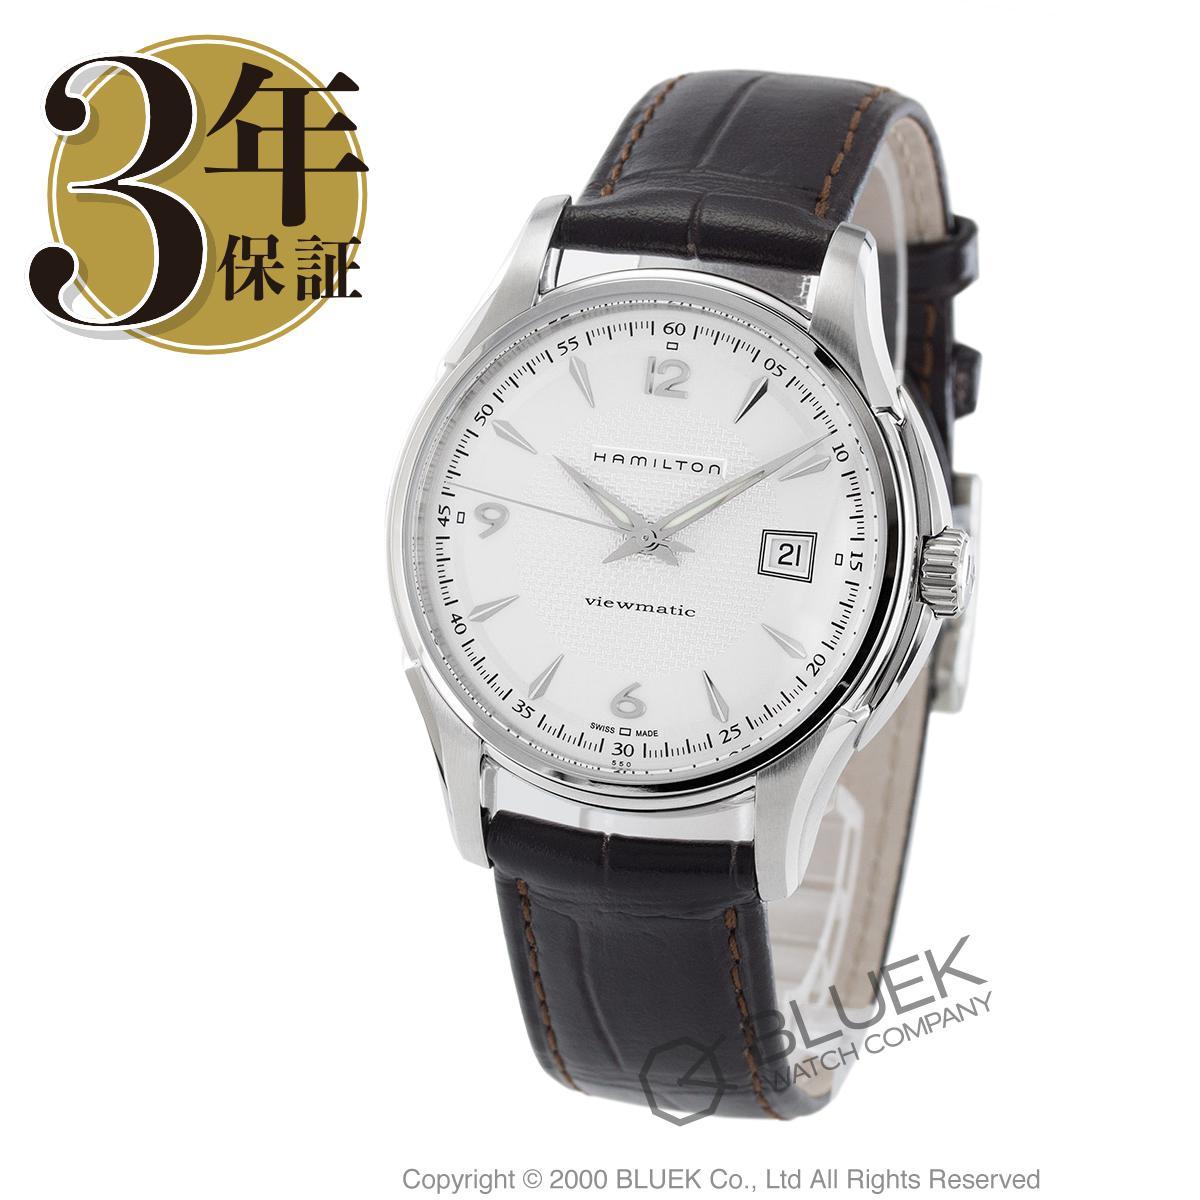 【1,000円OFFクーポン対象】ハミルトン ジャズマスター ビューマチック 腕時計 メンズ HAMILTON H32515555_8